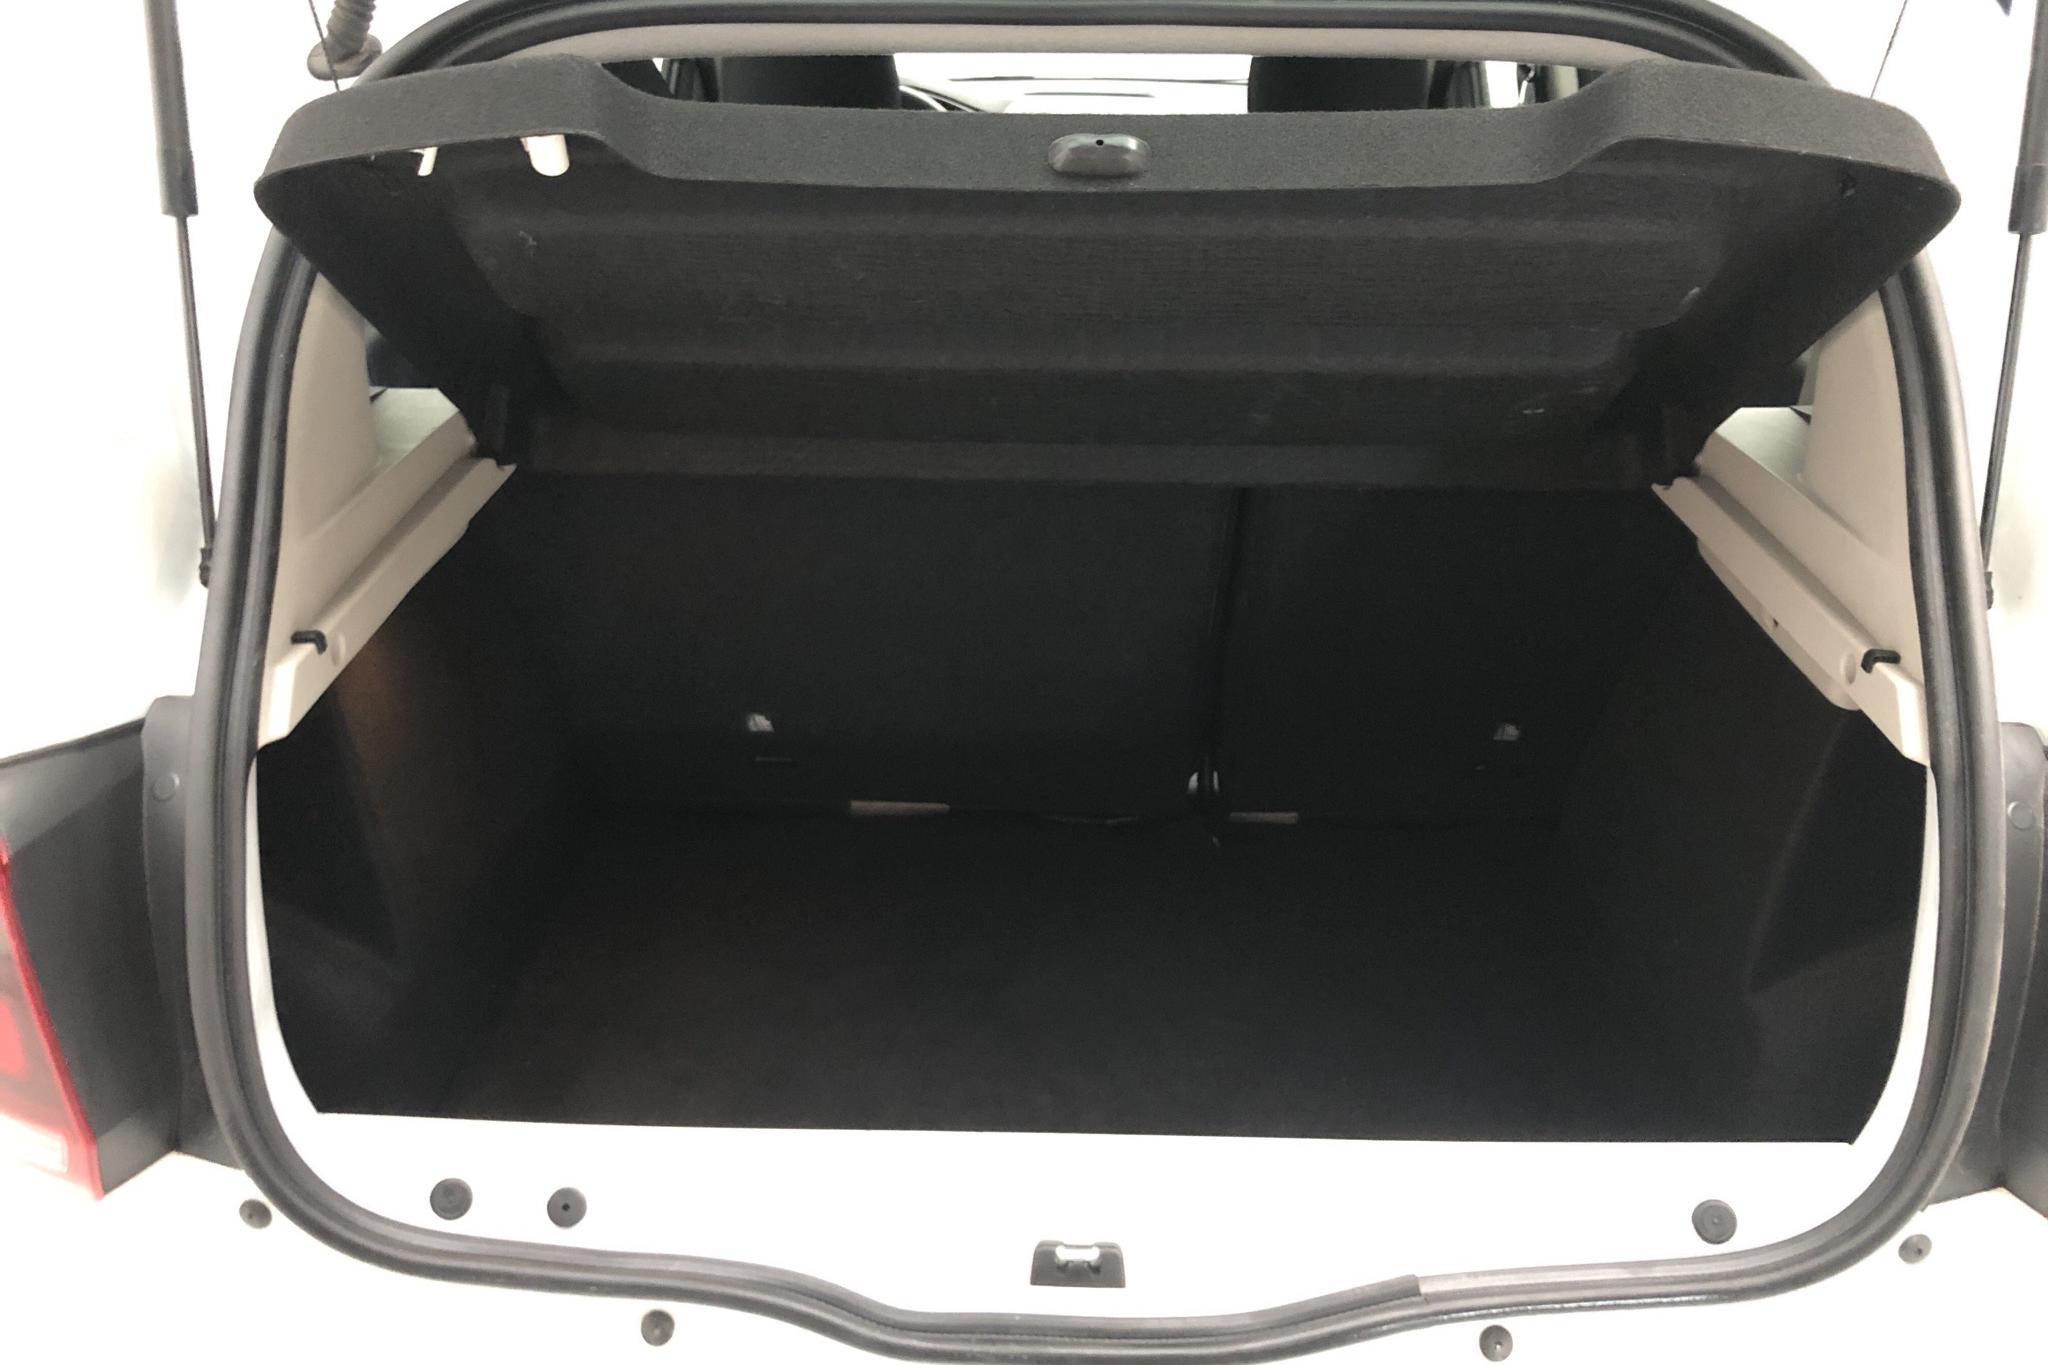 Dacia Sandero 0.9 TCe (90hk) - 3 238 mil - Automat - vit - 2018